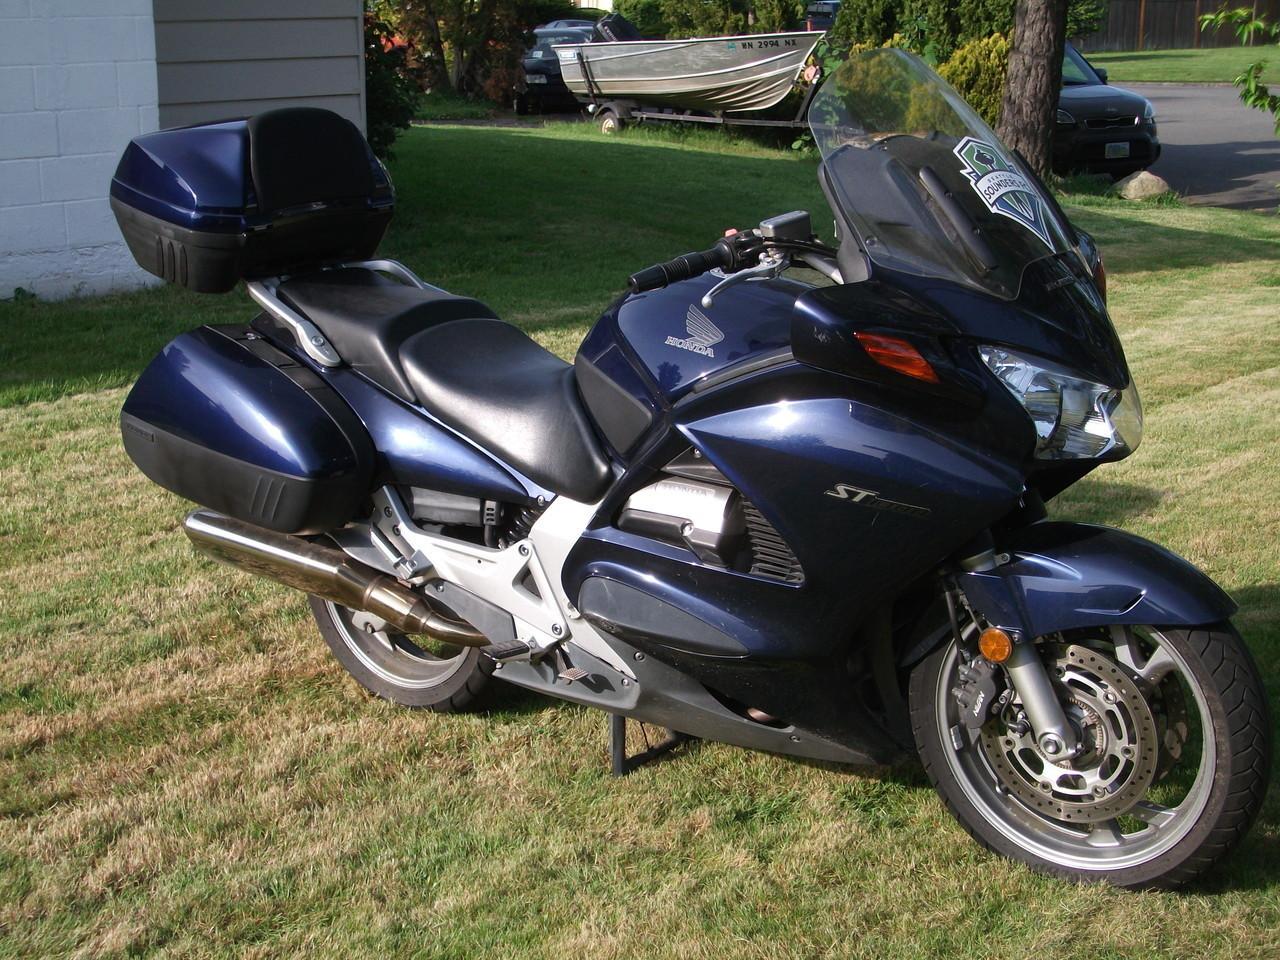 St1300 Honda For Sale Honda St1300 Motorcycles